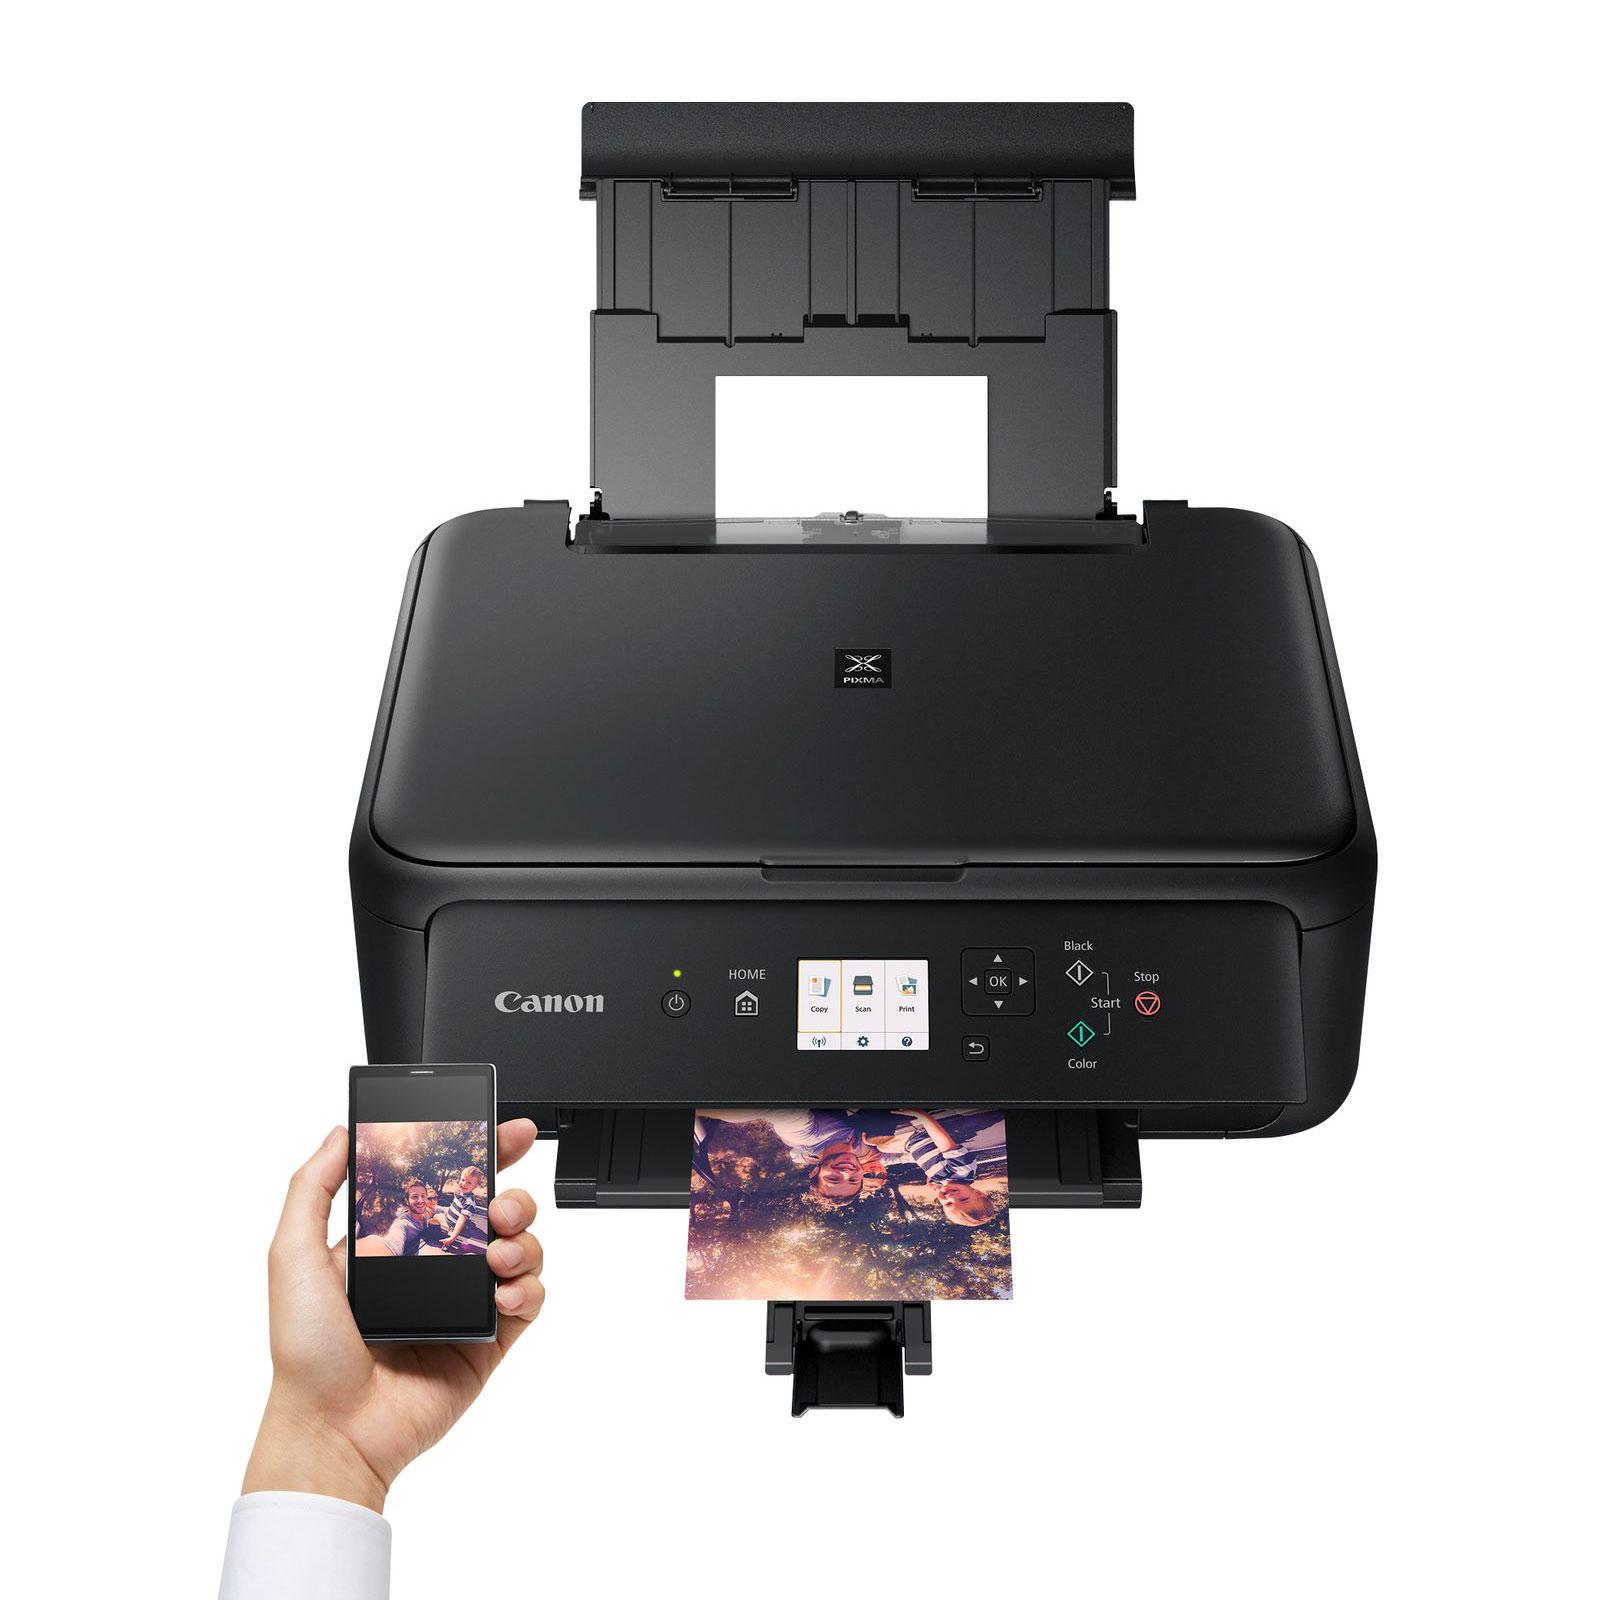 PIXMA TS5150 (2228C006) - Achat / Vente Imprimante multifonction sur Picata.fr - 1